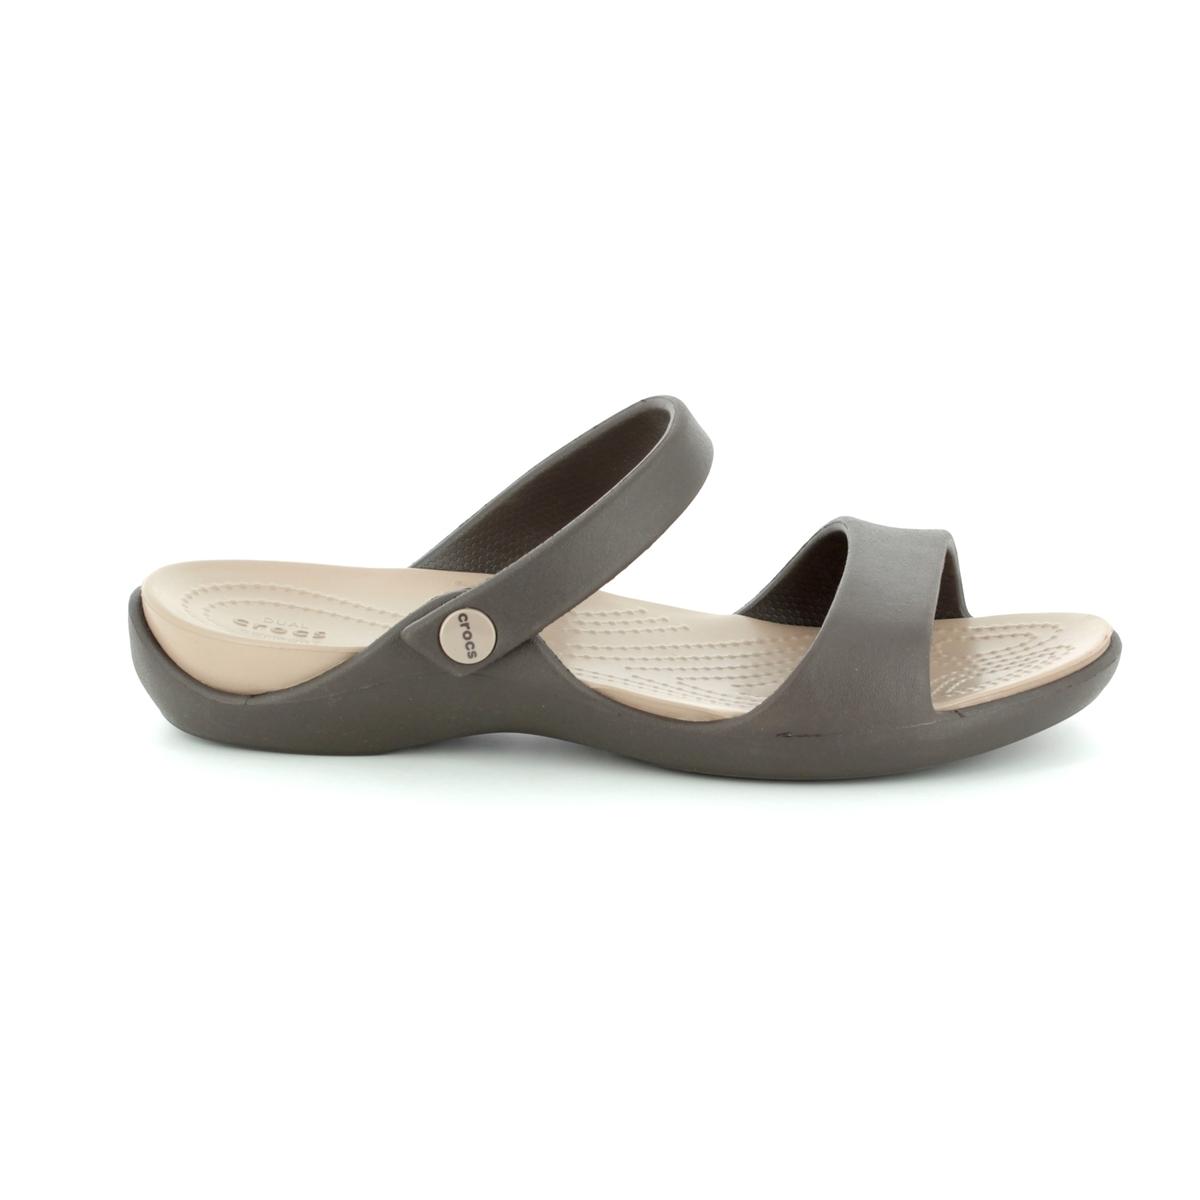 65a884fa67f Crocs Sandals - Dark brown - 204268 23D CLEO V